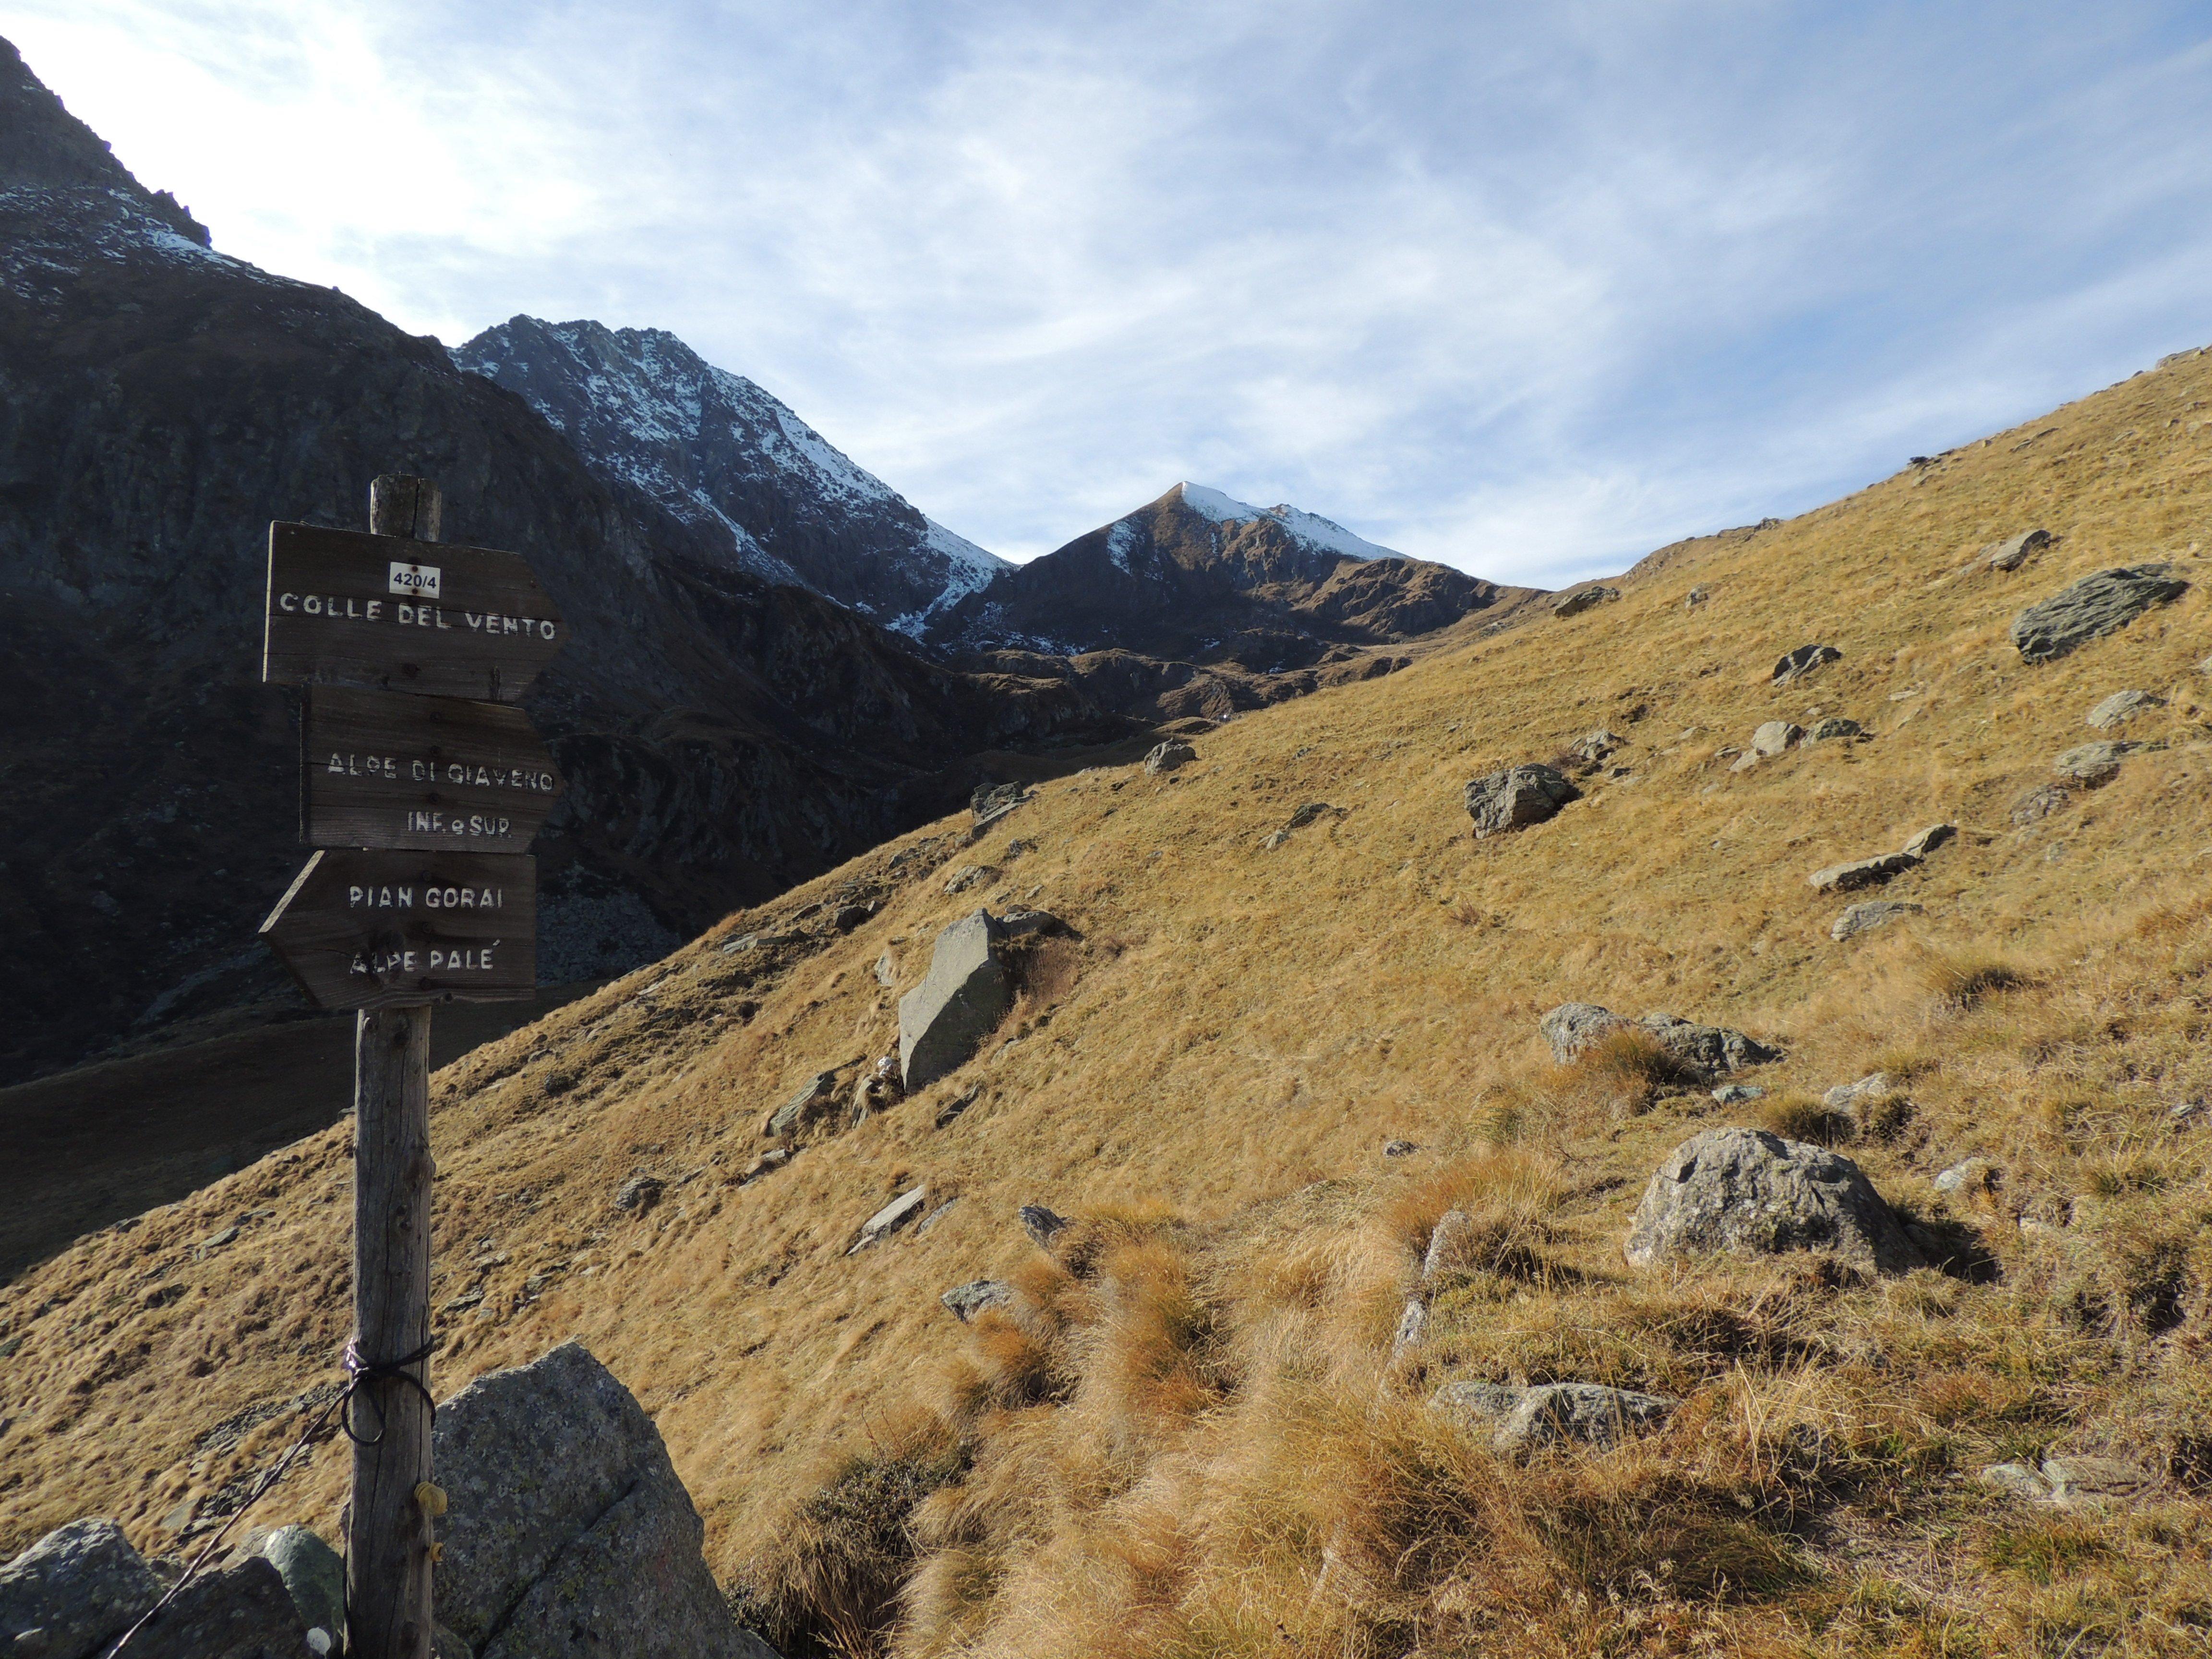 Colle del Vento (Val Sangone)